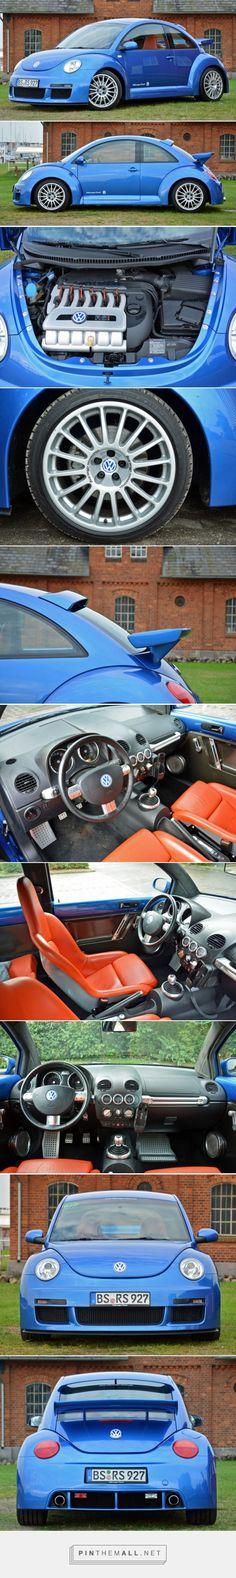 2001 Volkswagen Beetle RSi